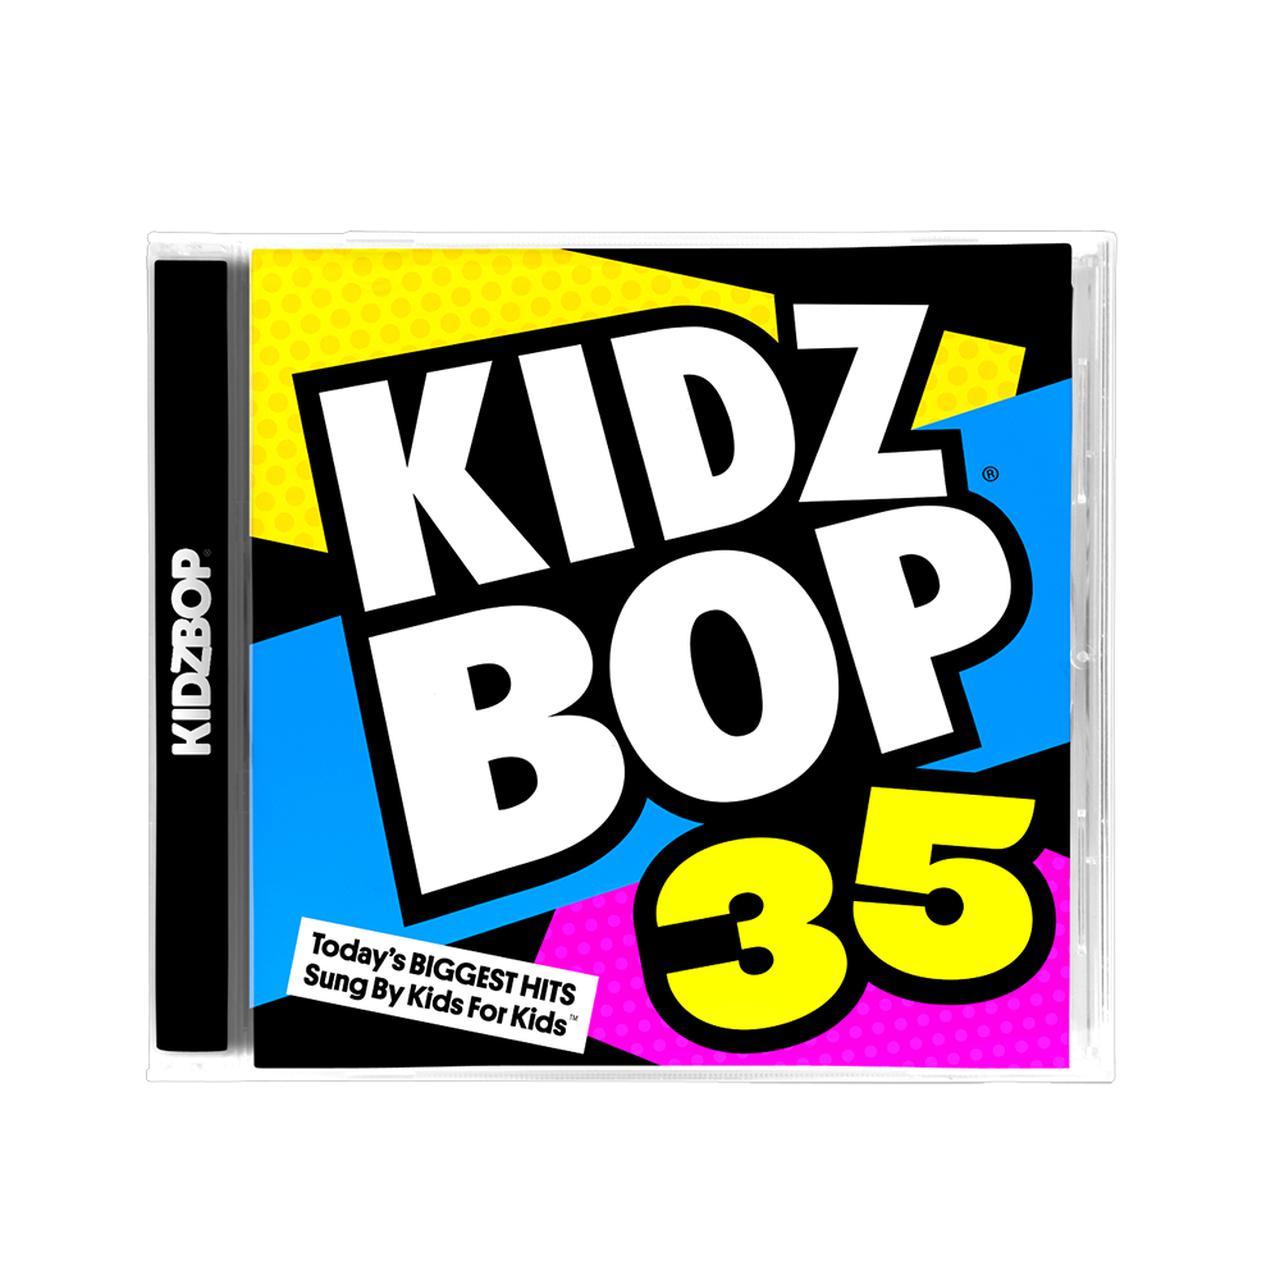 kidz bop 35 cd